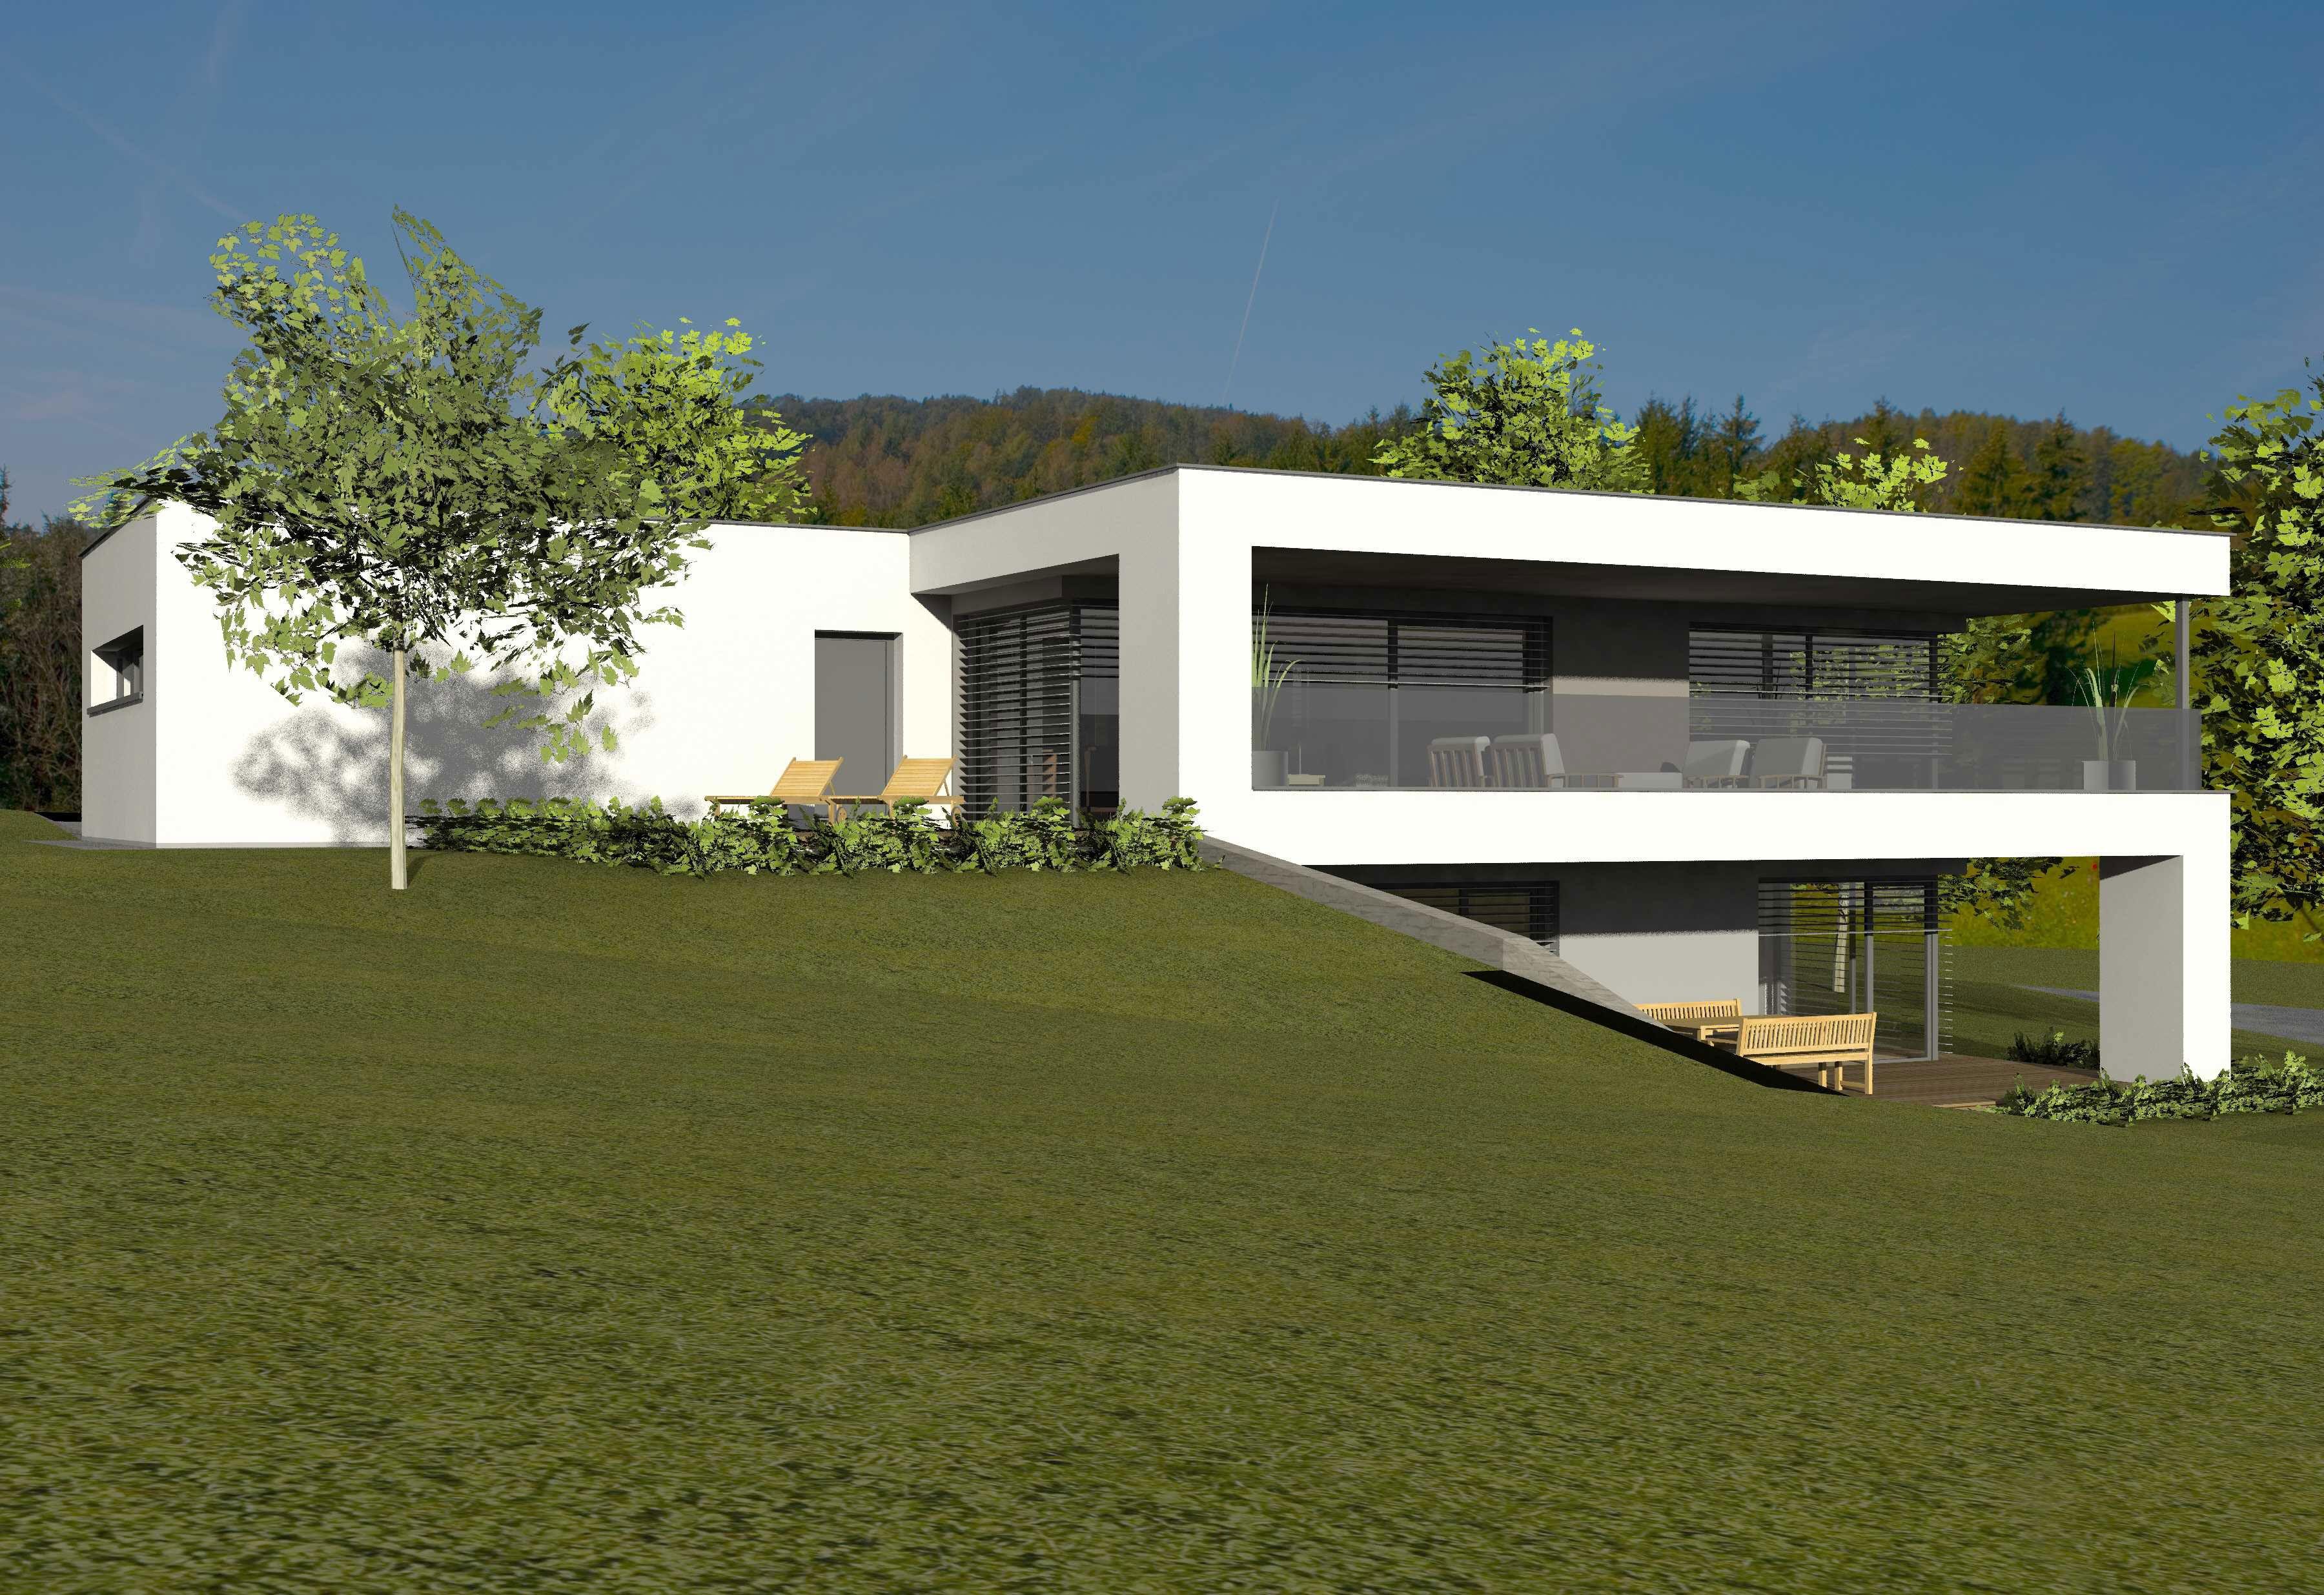 Architektenhaus, Architektenhaus Steiermark, Planungsbüro Architekt,  Hausbau Architekt, Haus Bauen Architekt Haus Projekte